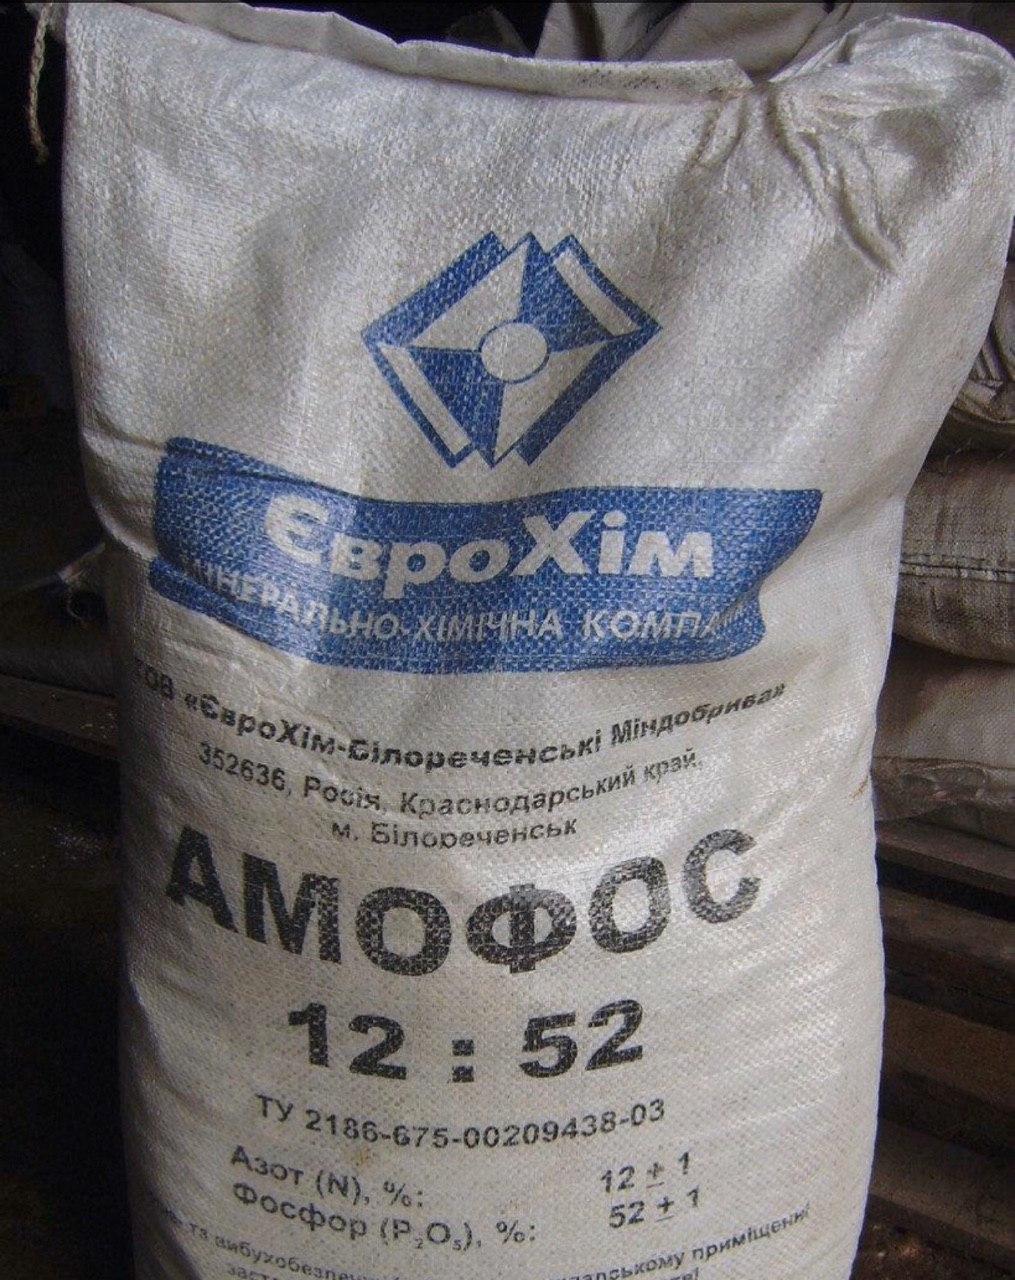 Удобрение Аммофоска НП 12 52 Азофоска НП 1252 мешок 50кг